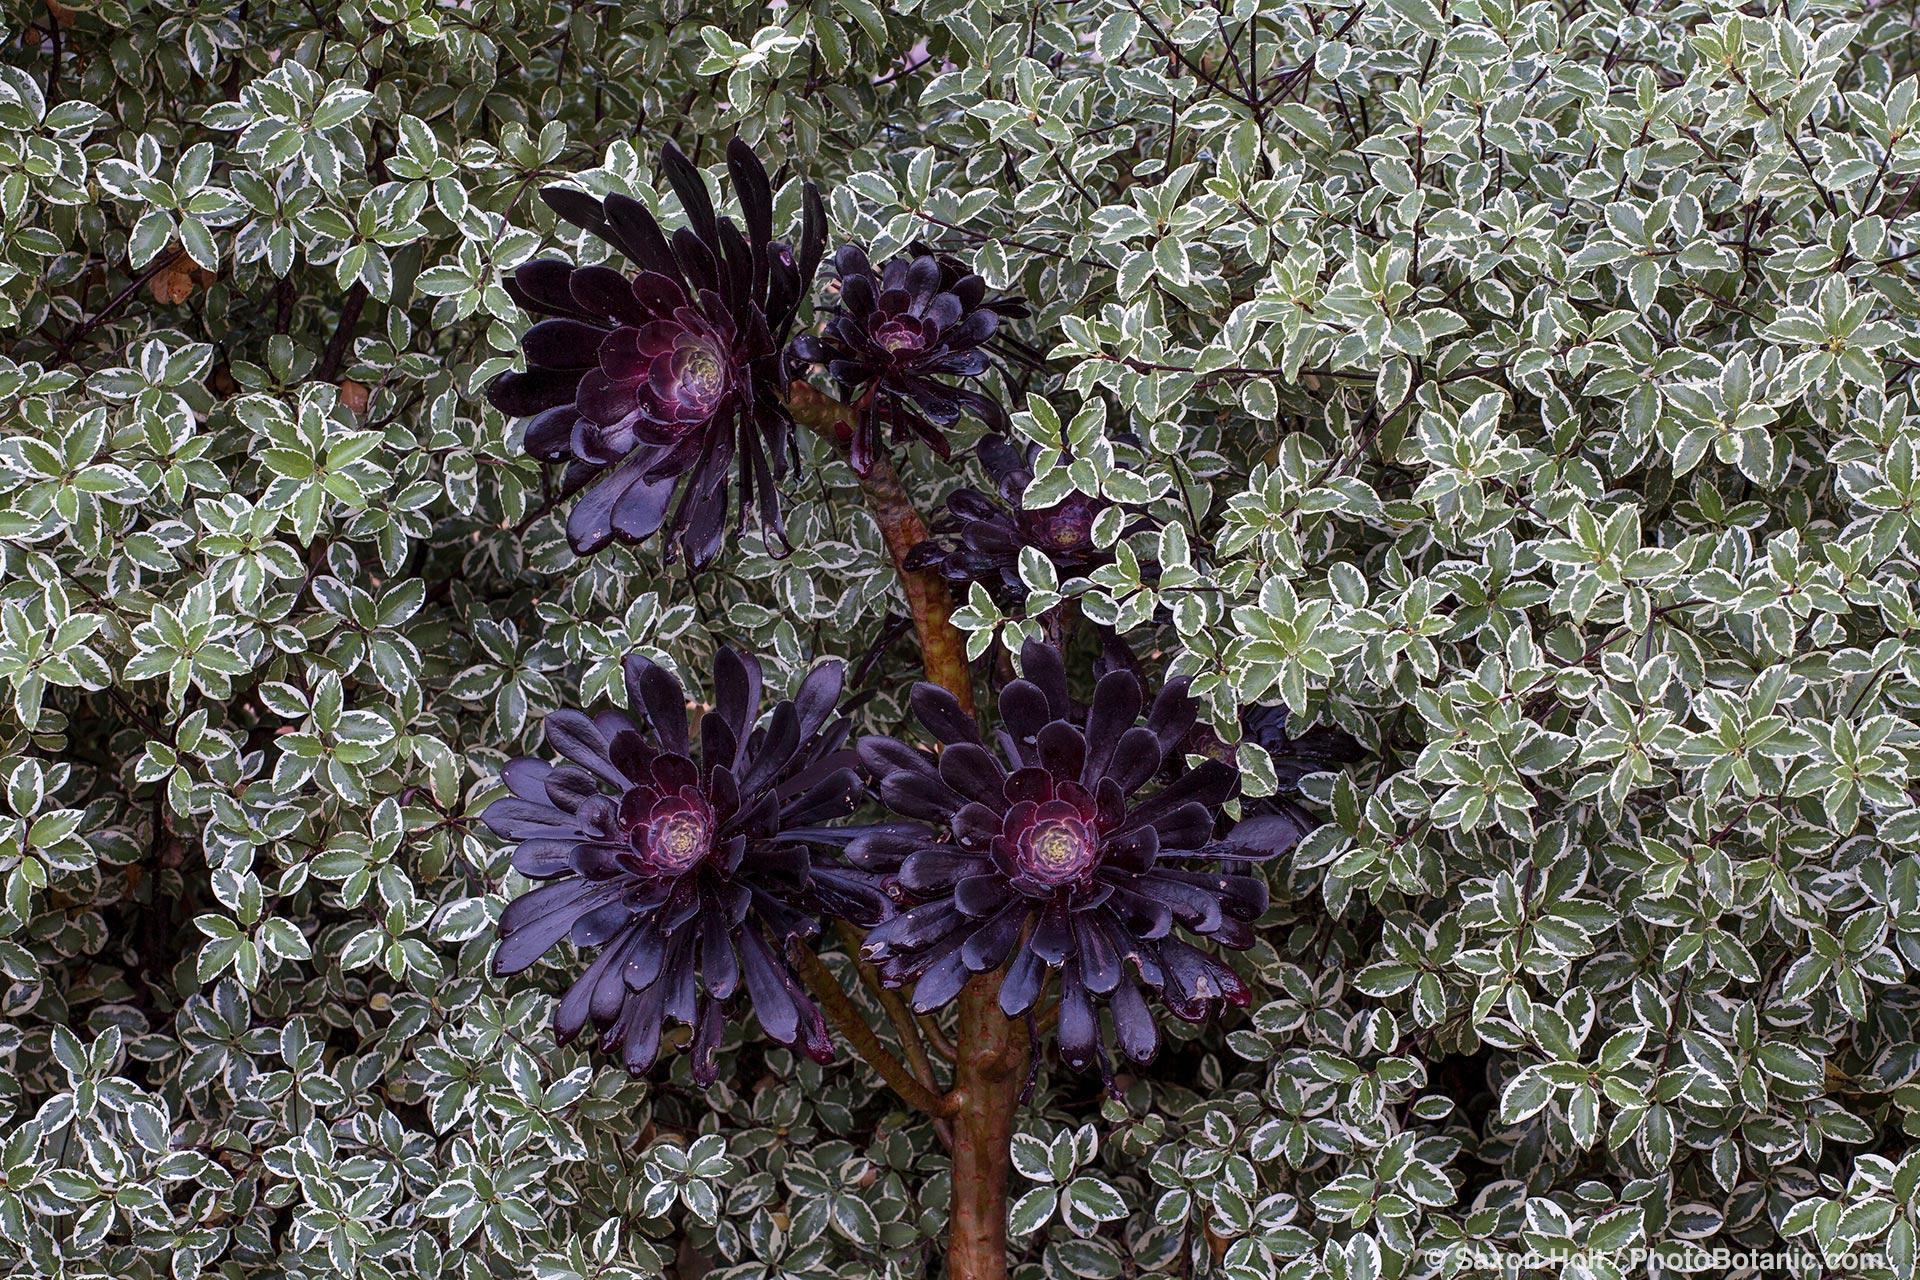 Dark purple foliage Aeonium arboreum 'Zwartkop' against hedge of variegated foliage Pittosporum tenuifolium